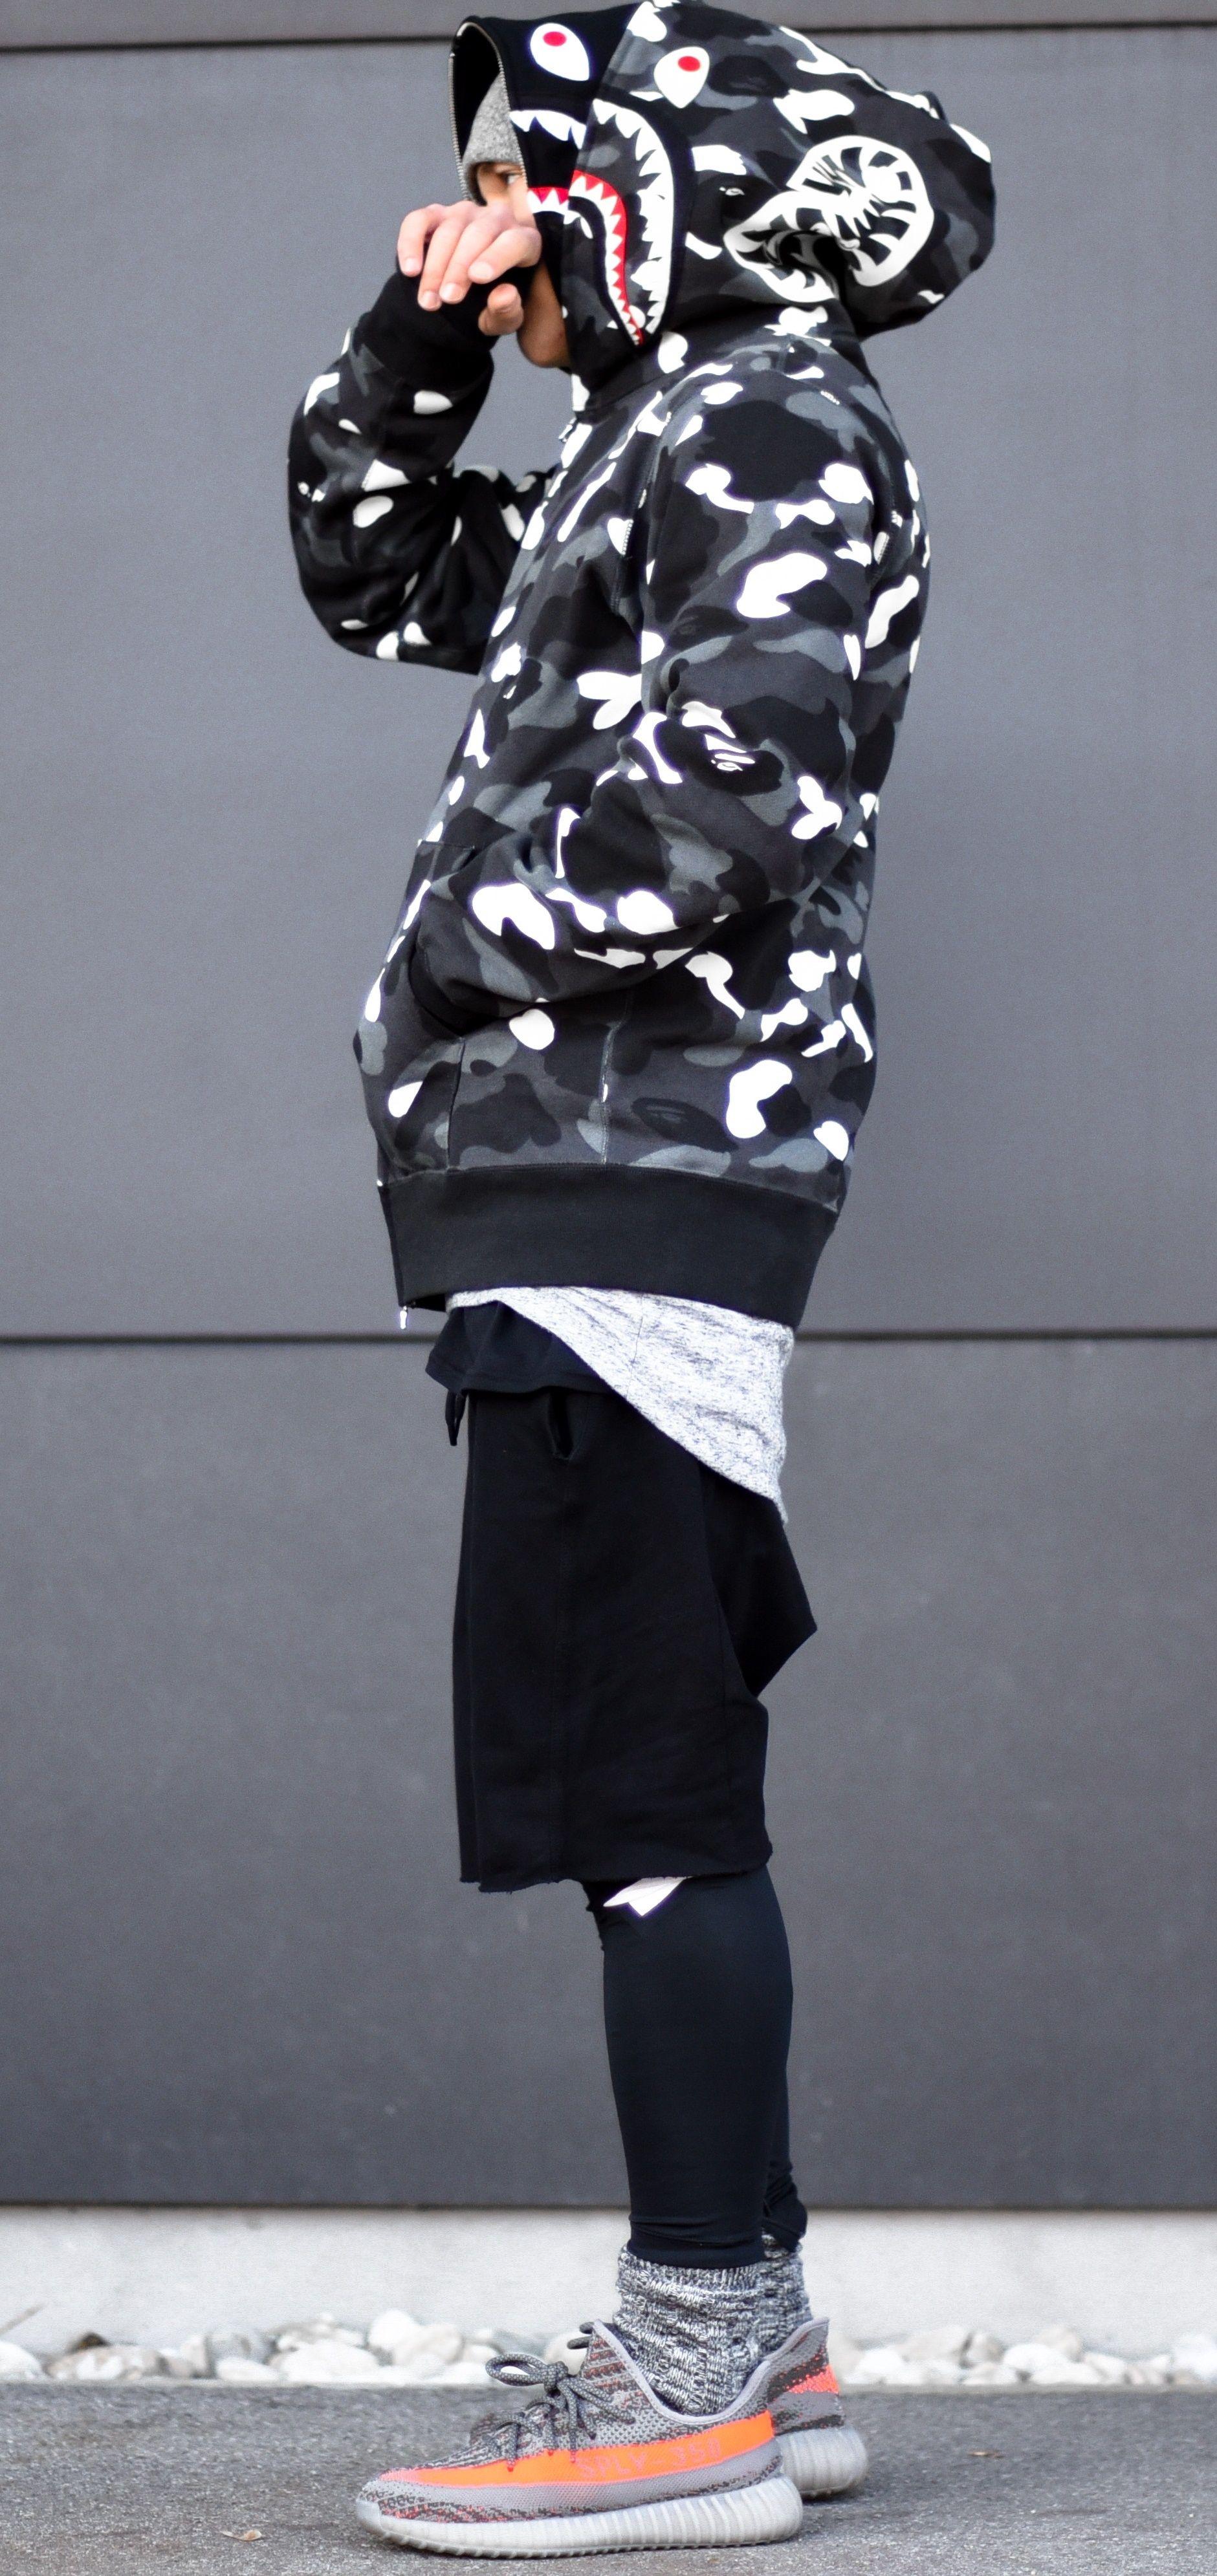 Folkekære STREET STYLE. | STREET STYLE. | Streetwear fashion, Urban style YX-68